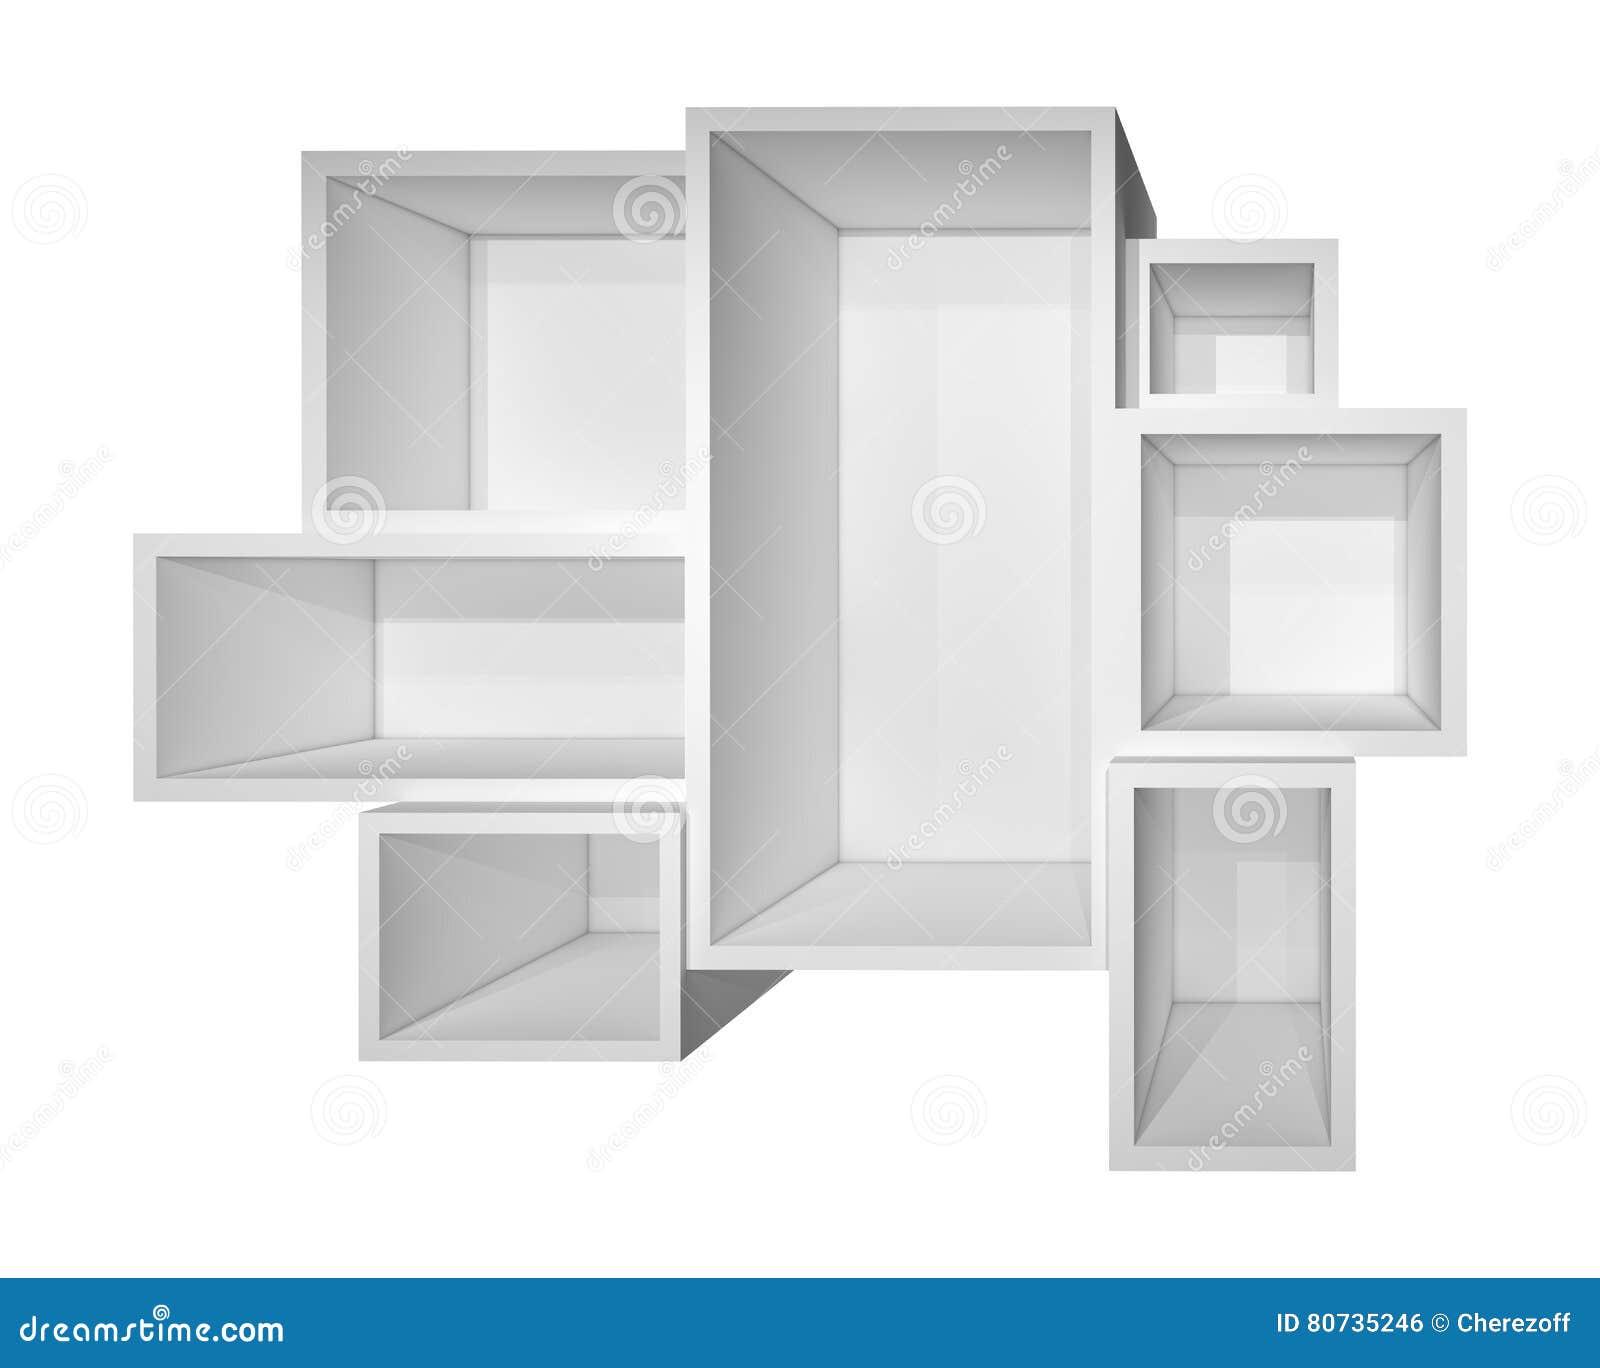 Bezaubernd Weißes Bücherregal Foto Von Pattern Leeres Weißes Bücherregal Stockfoto. Bild Von